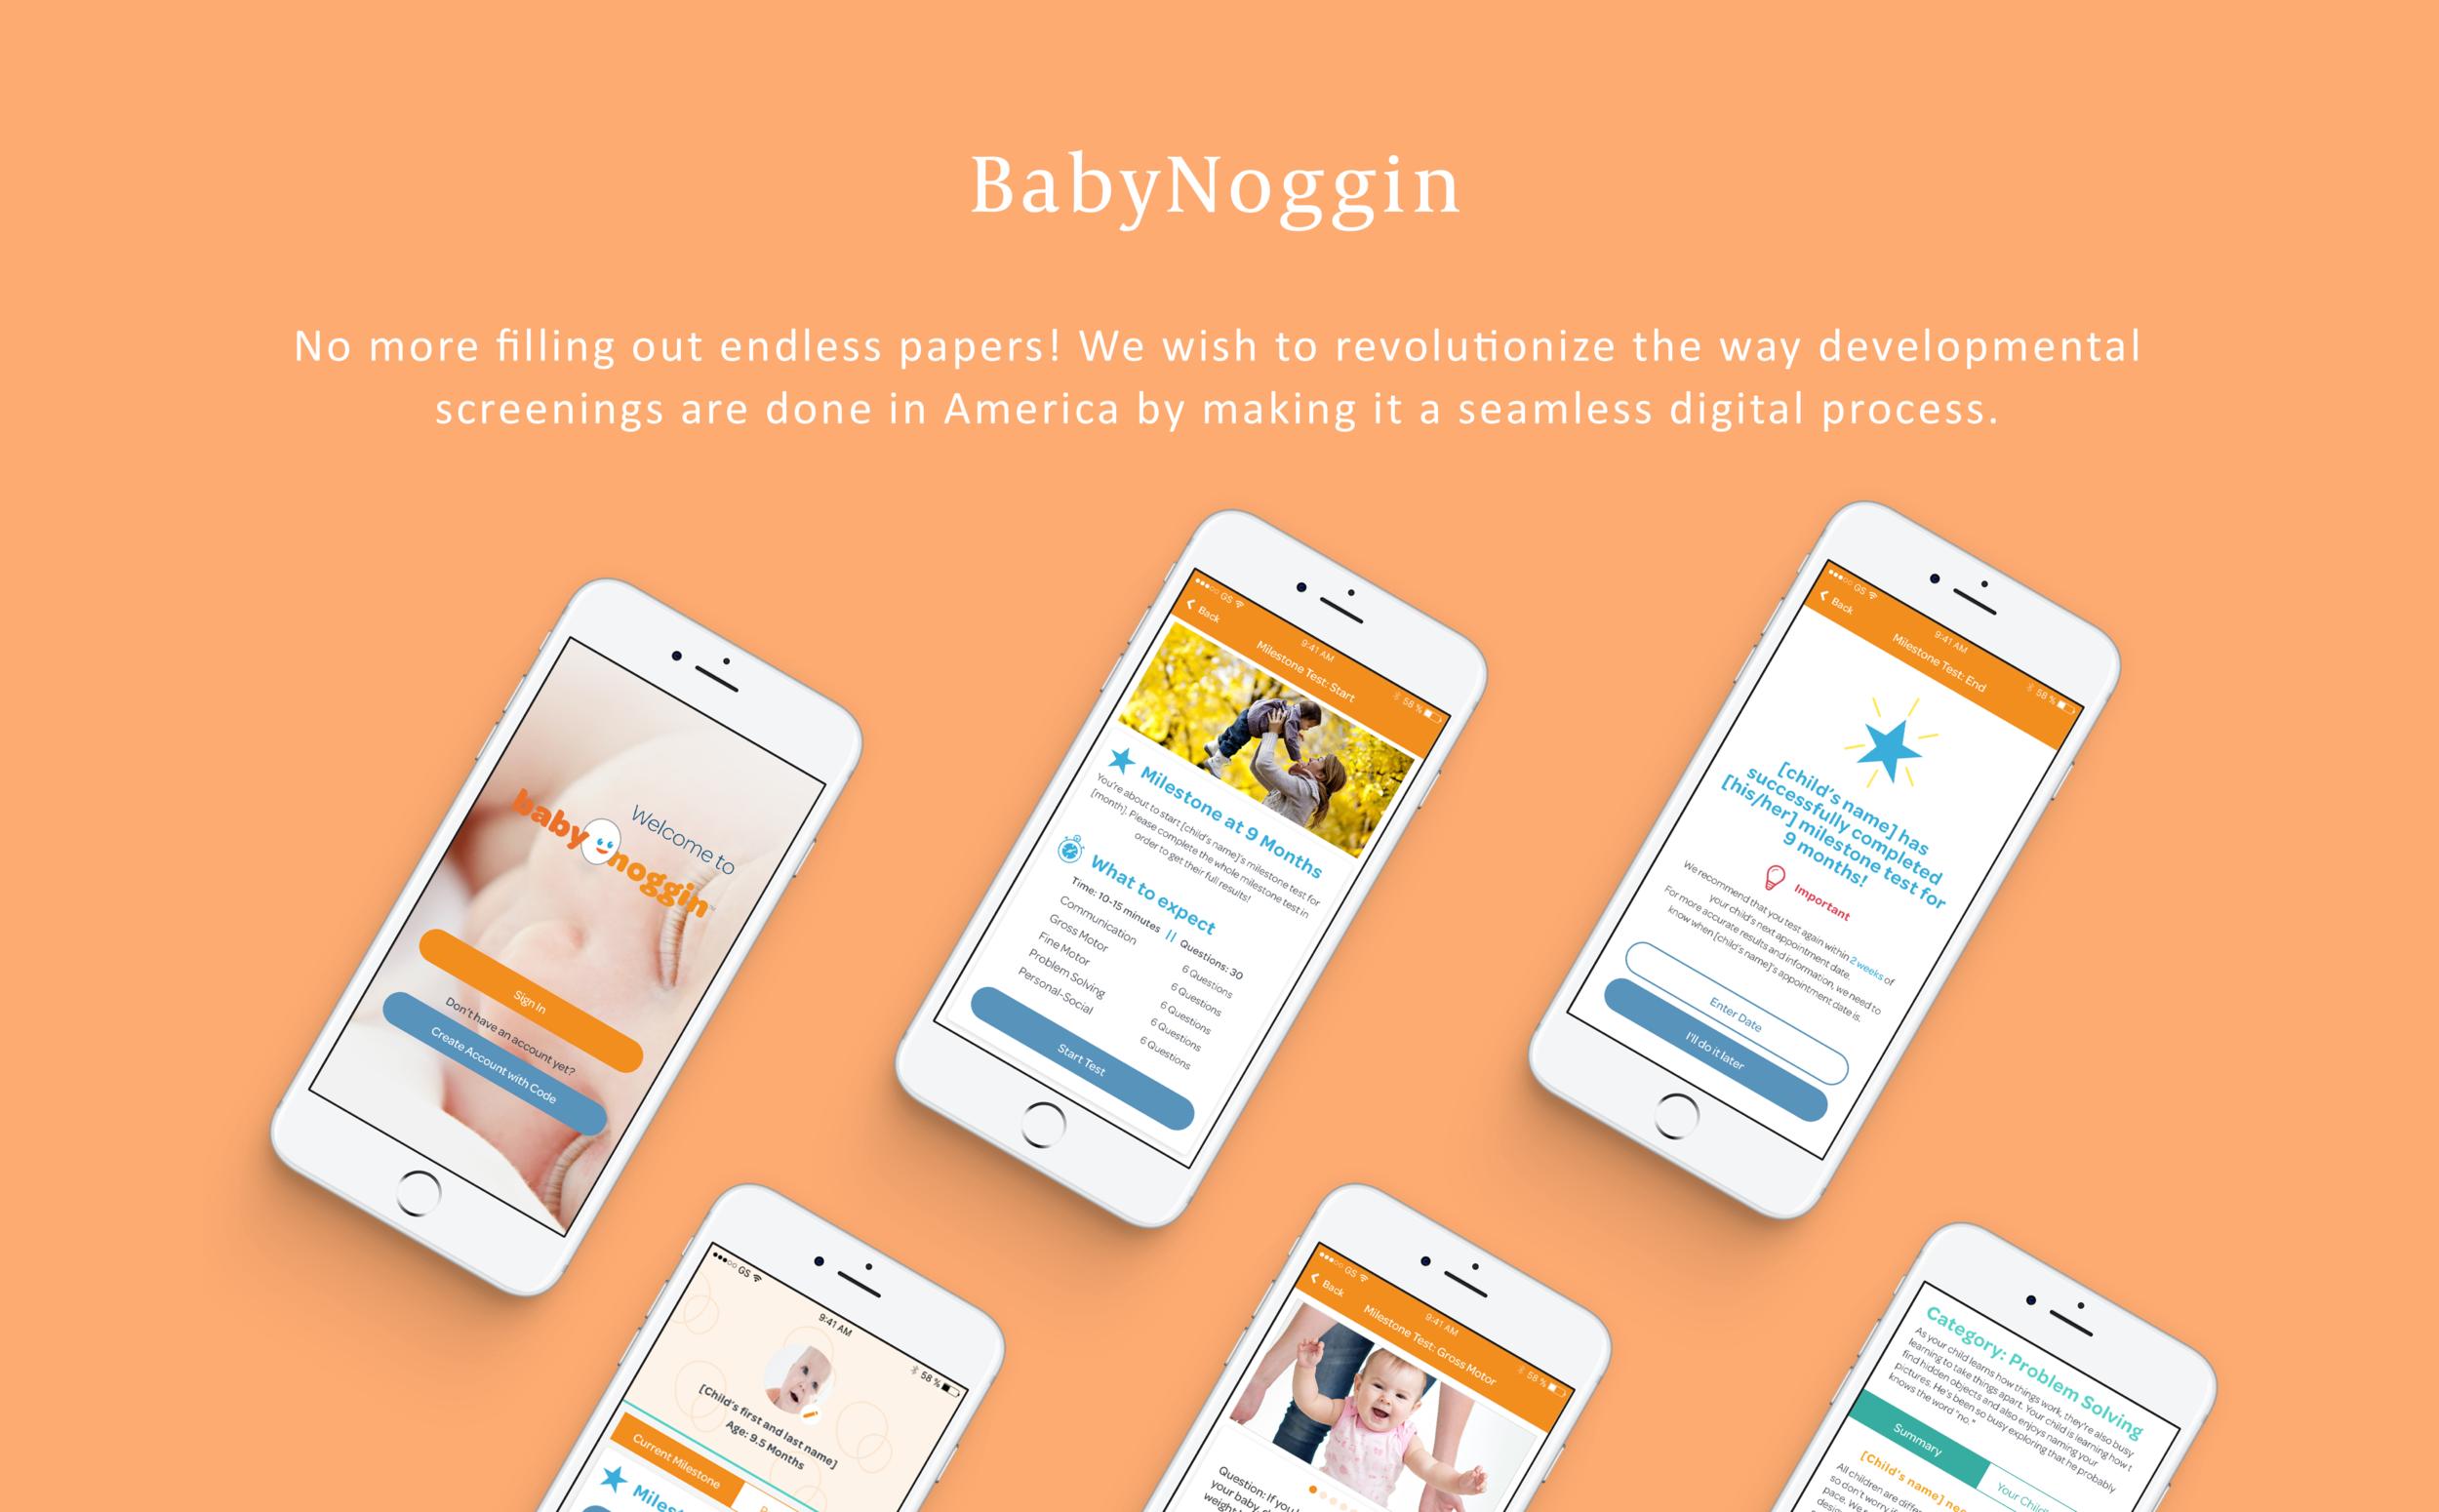 BabyNoggin_CaseStudy_HeaderImage.png